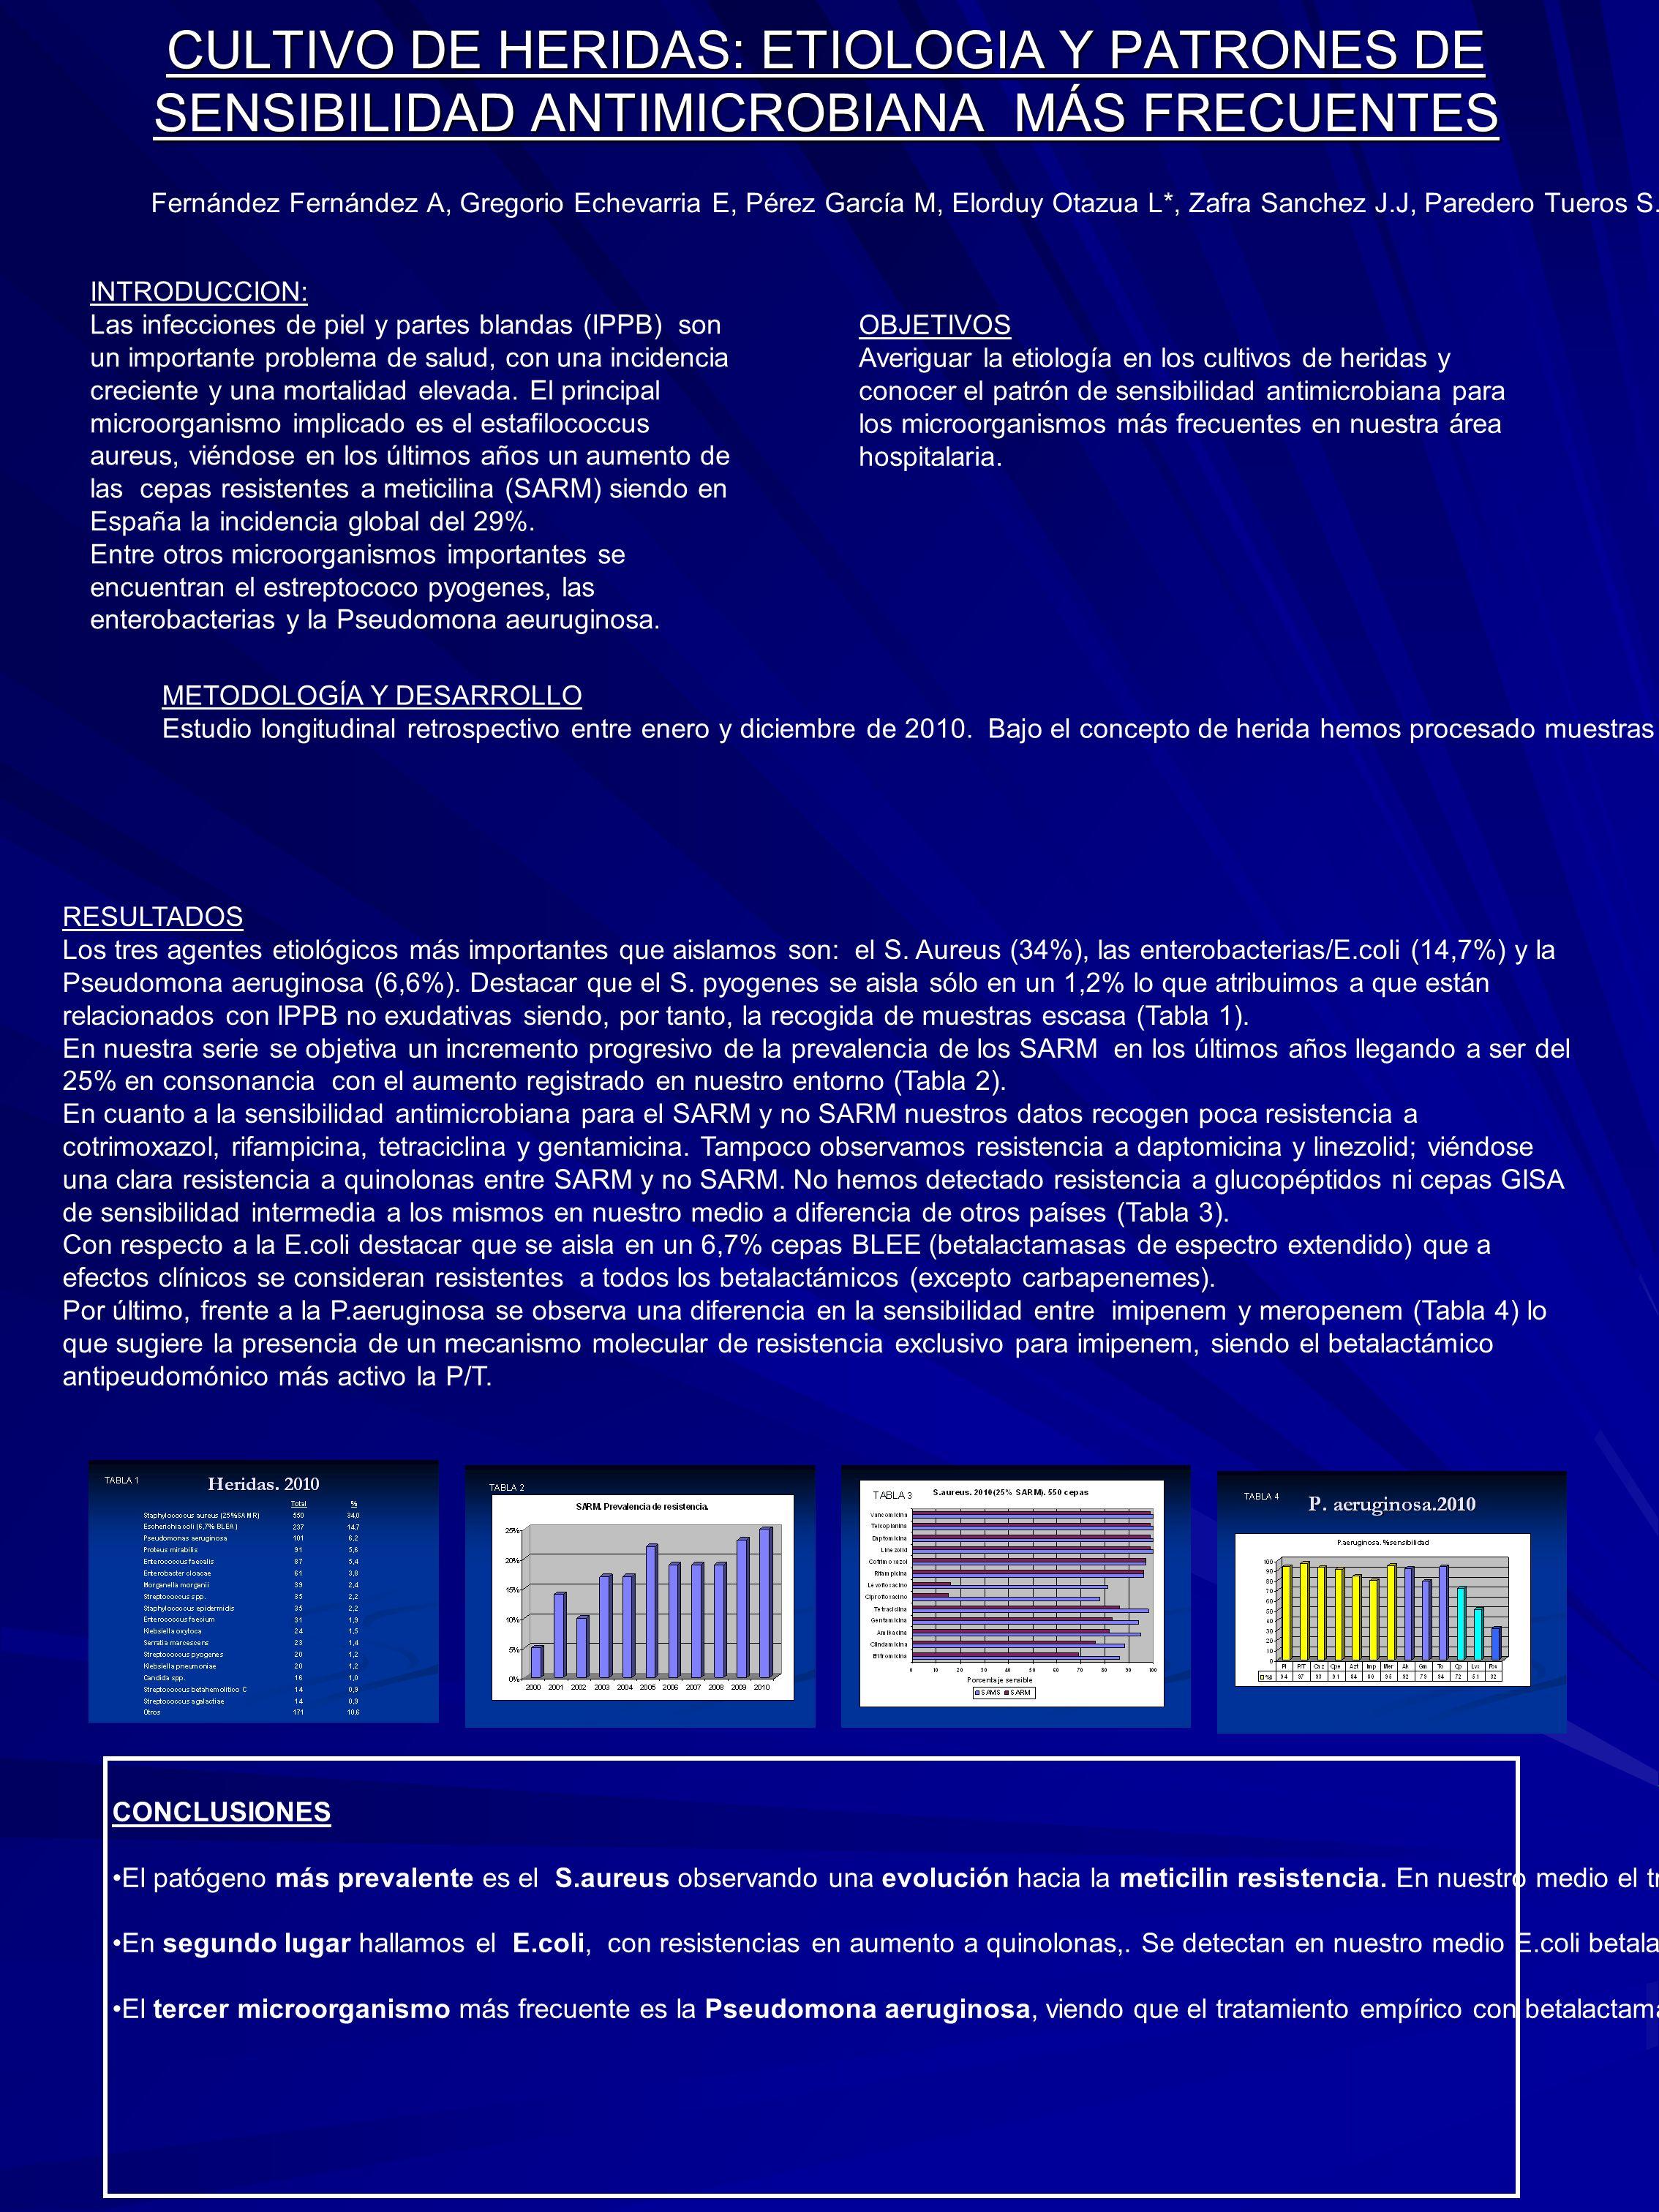 CULTIVO DE HERIDAS: ETIOLOGIA Y PATRONES DE SENSIBILIDAD ANTIMICROBIANA MÁS FRECUENTES INTRODUCCION: Las infecciones de piel y partes blandas (IPPB) s